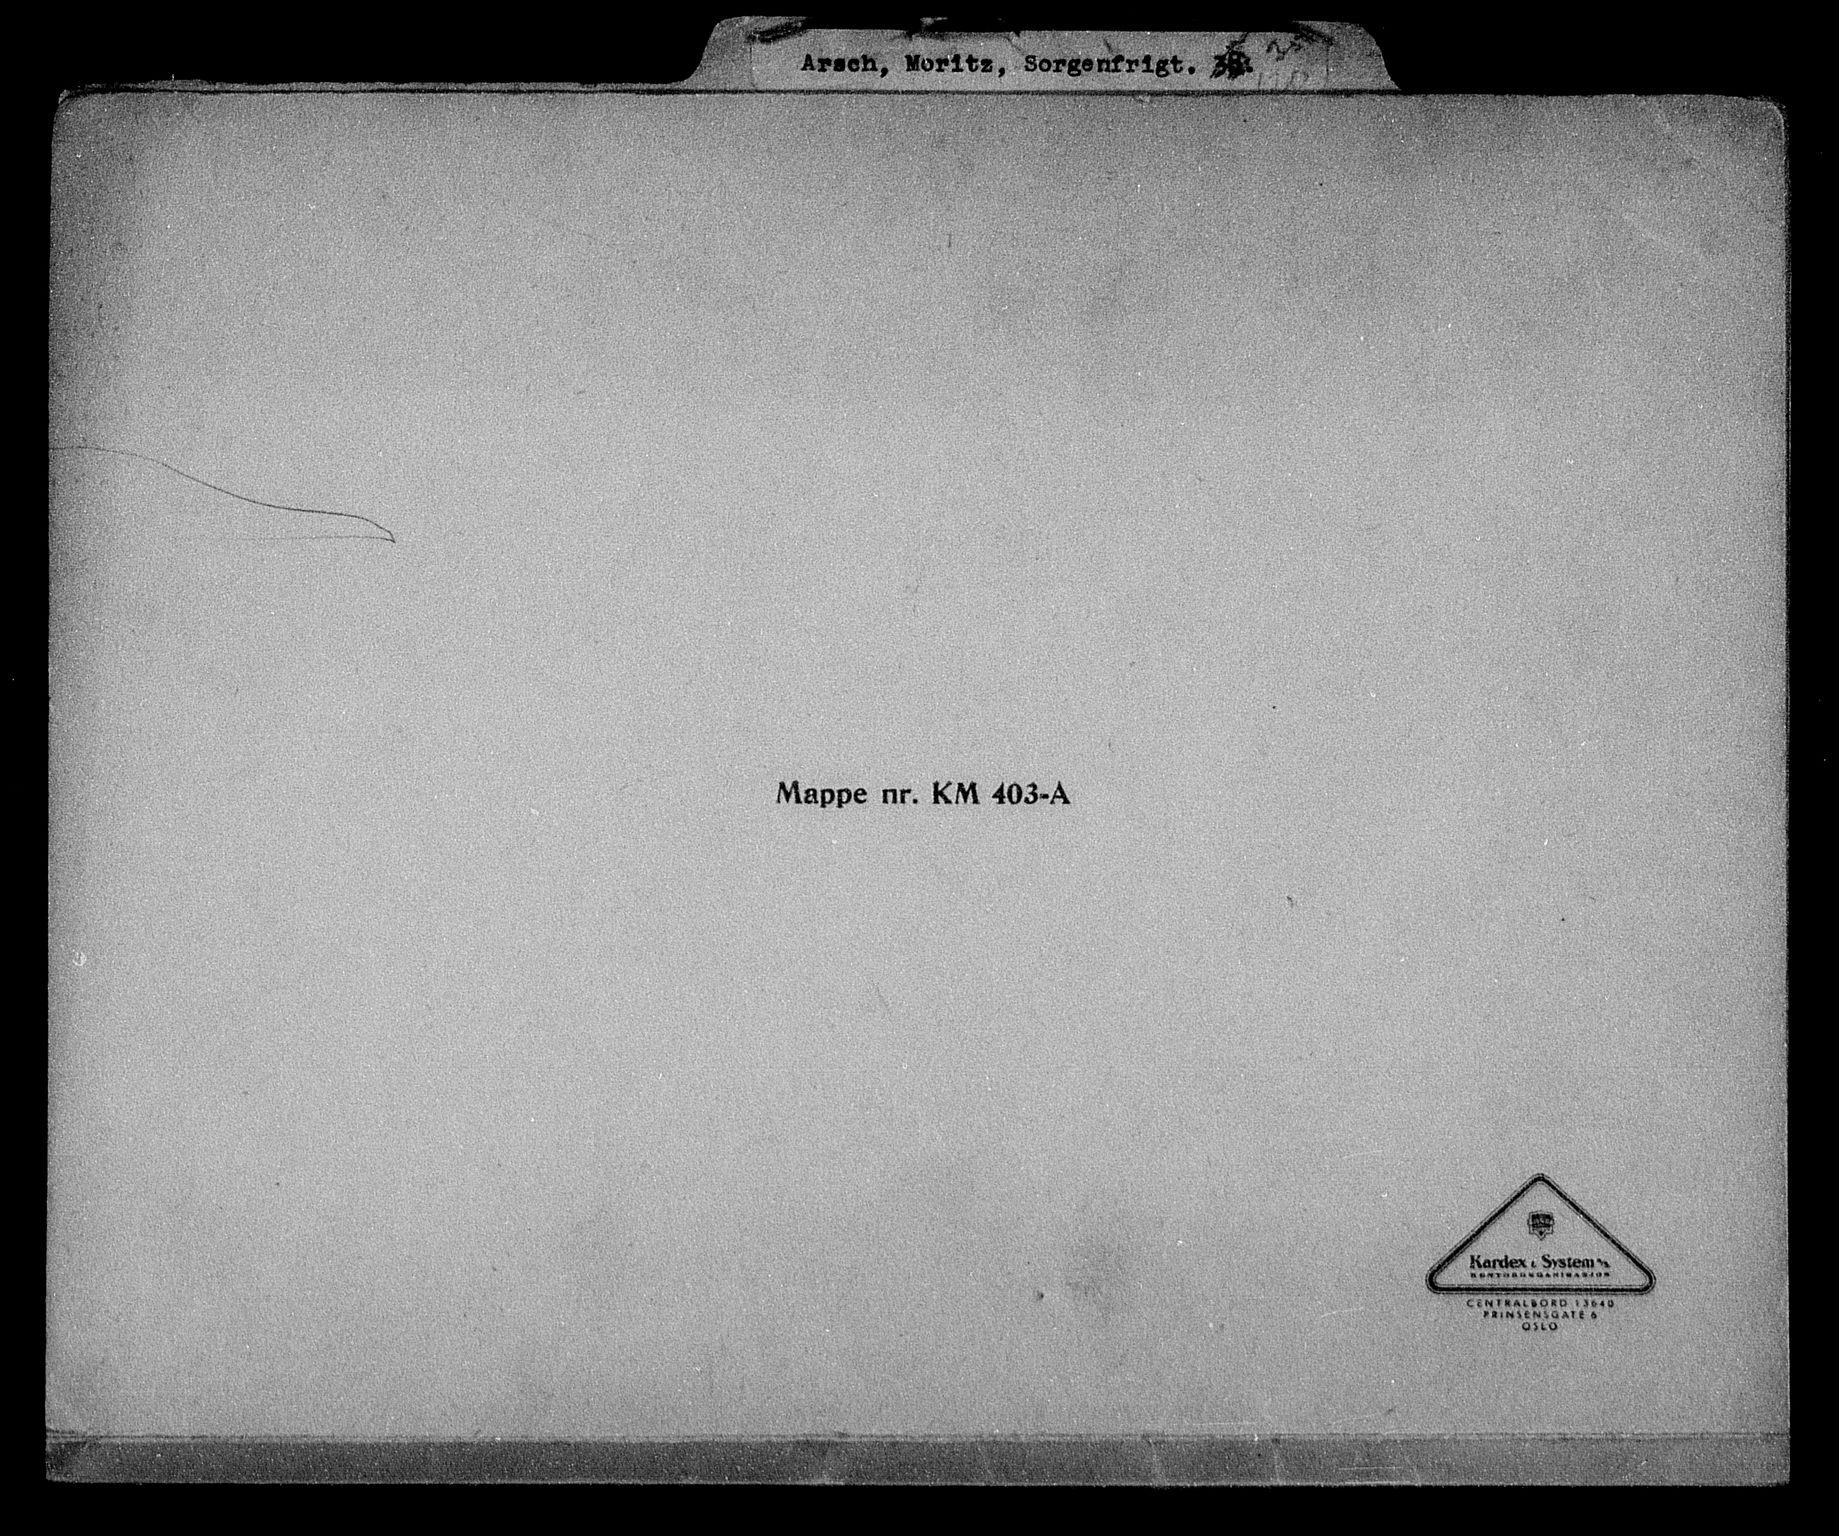 RA, Justisdepartementet, Tilbakeføringskontoret for inndratte formuer, H/Hc/Hcc/L0918: --, 1945-1947, s. 2